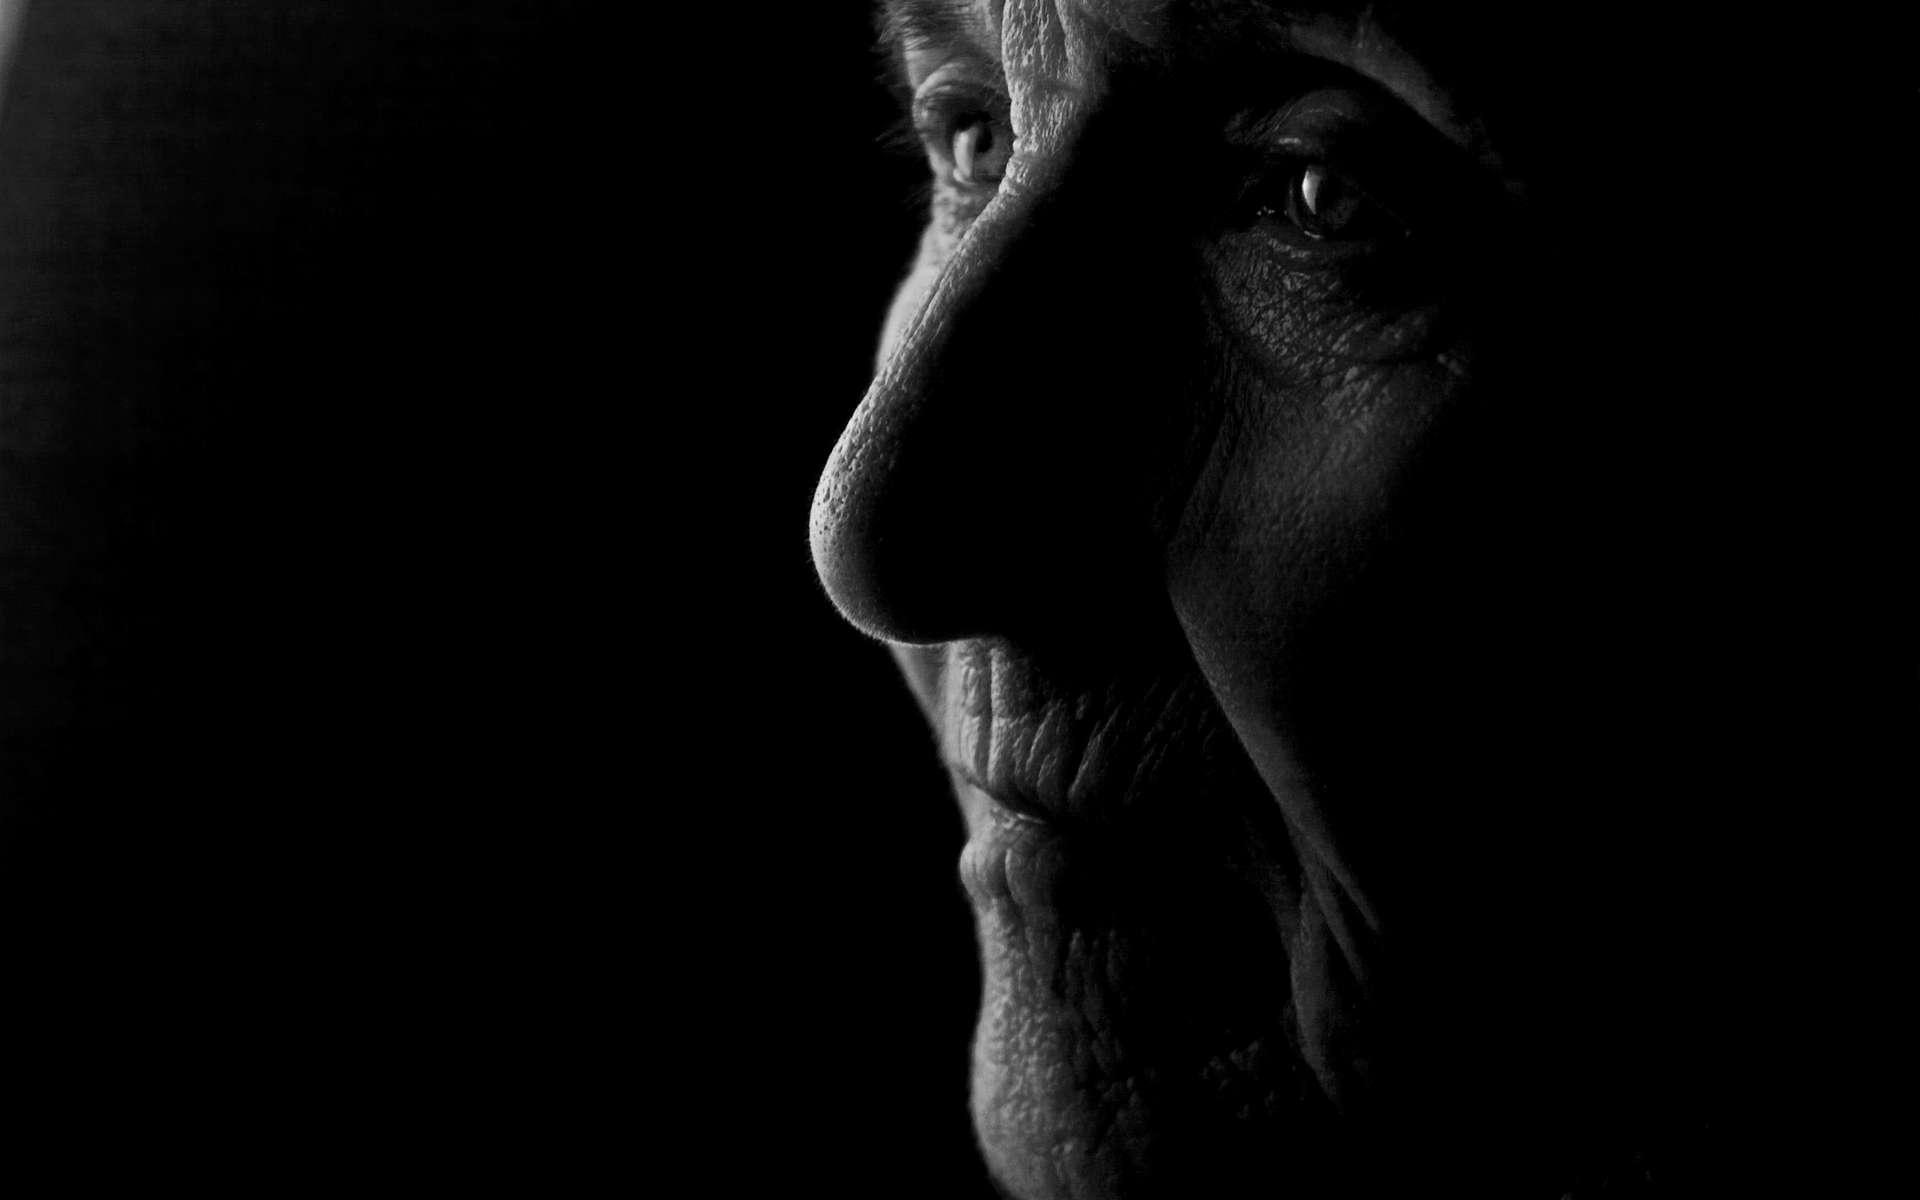 L'humain aurait une limite biologique entre 120 et 150 ans. © Pavlo, Adobe Stock